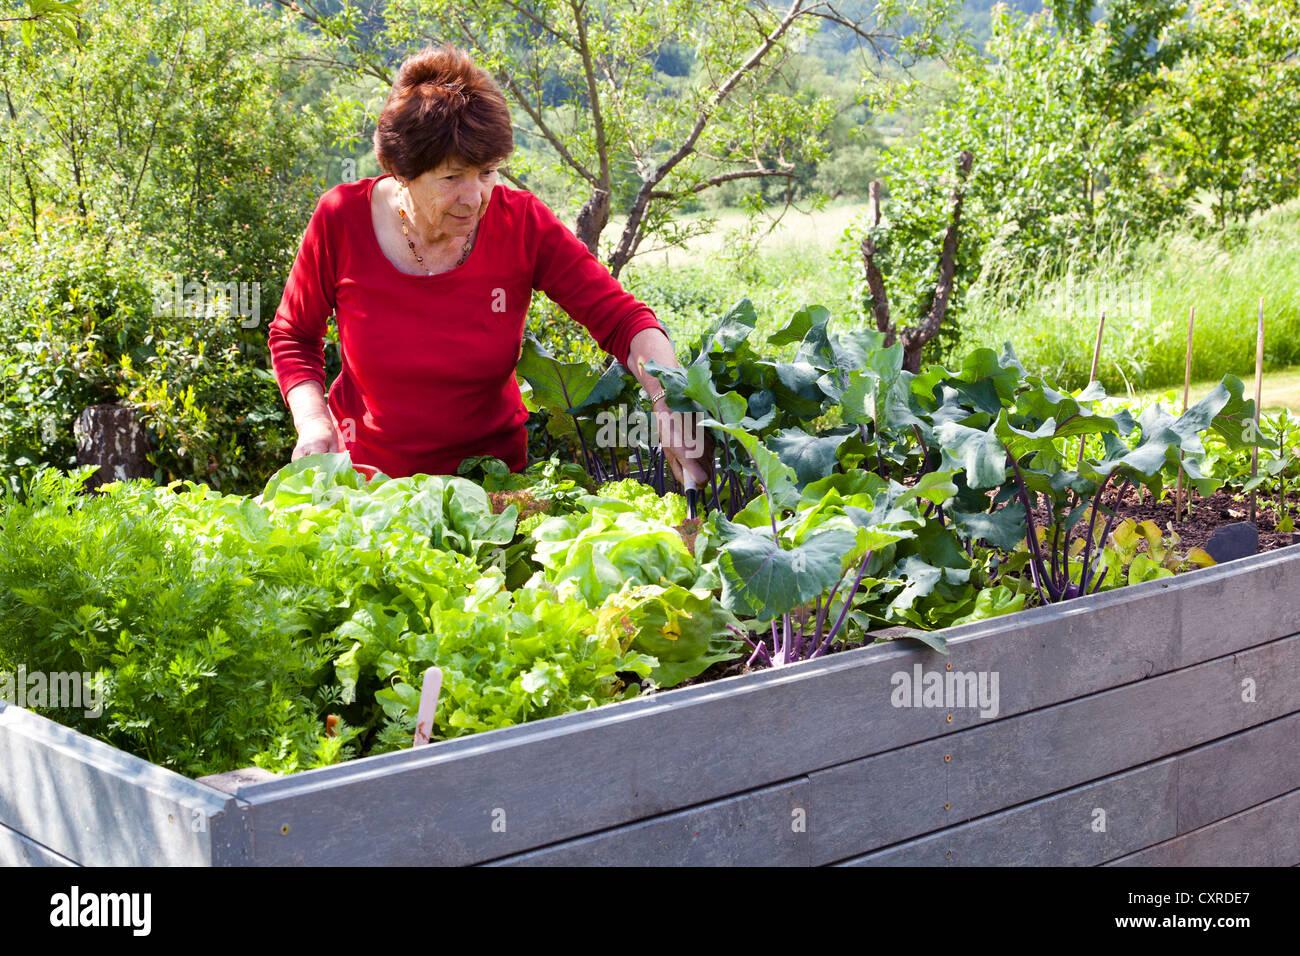 Anciana, jubilado, 70-80 años, trabajando en una cama levantada en un jardín, Bengel, Renania-Palatinado, Alemania, Foto de stock